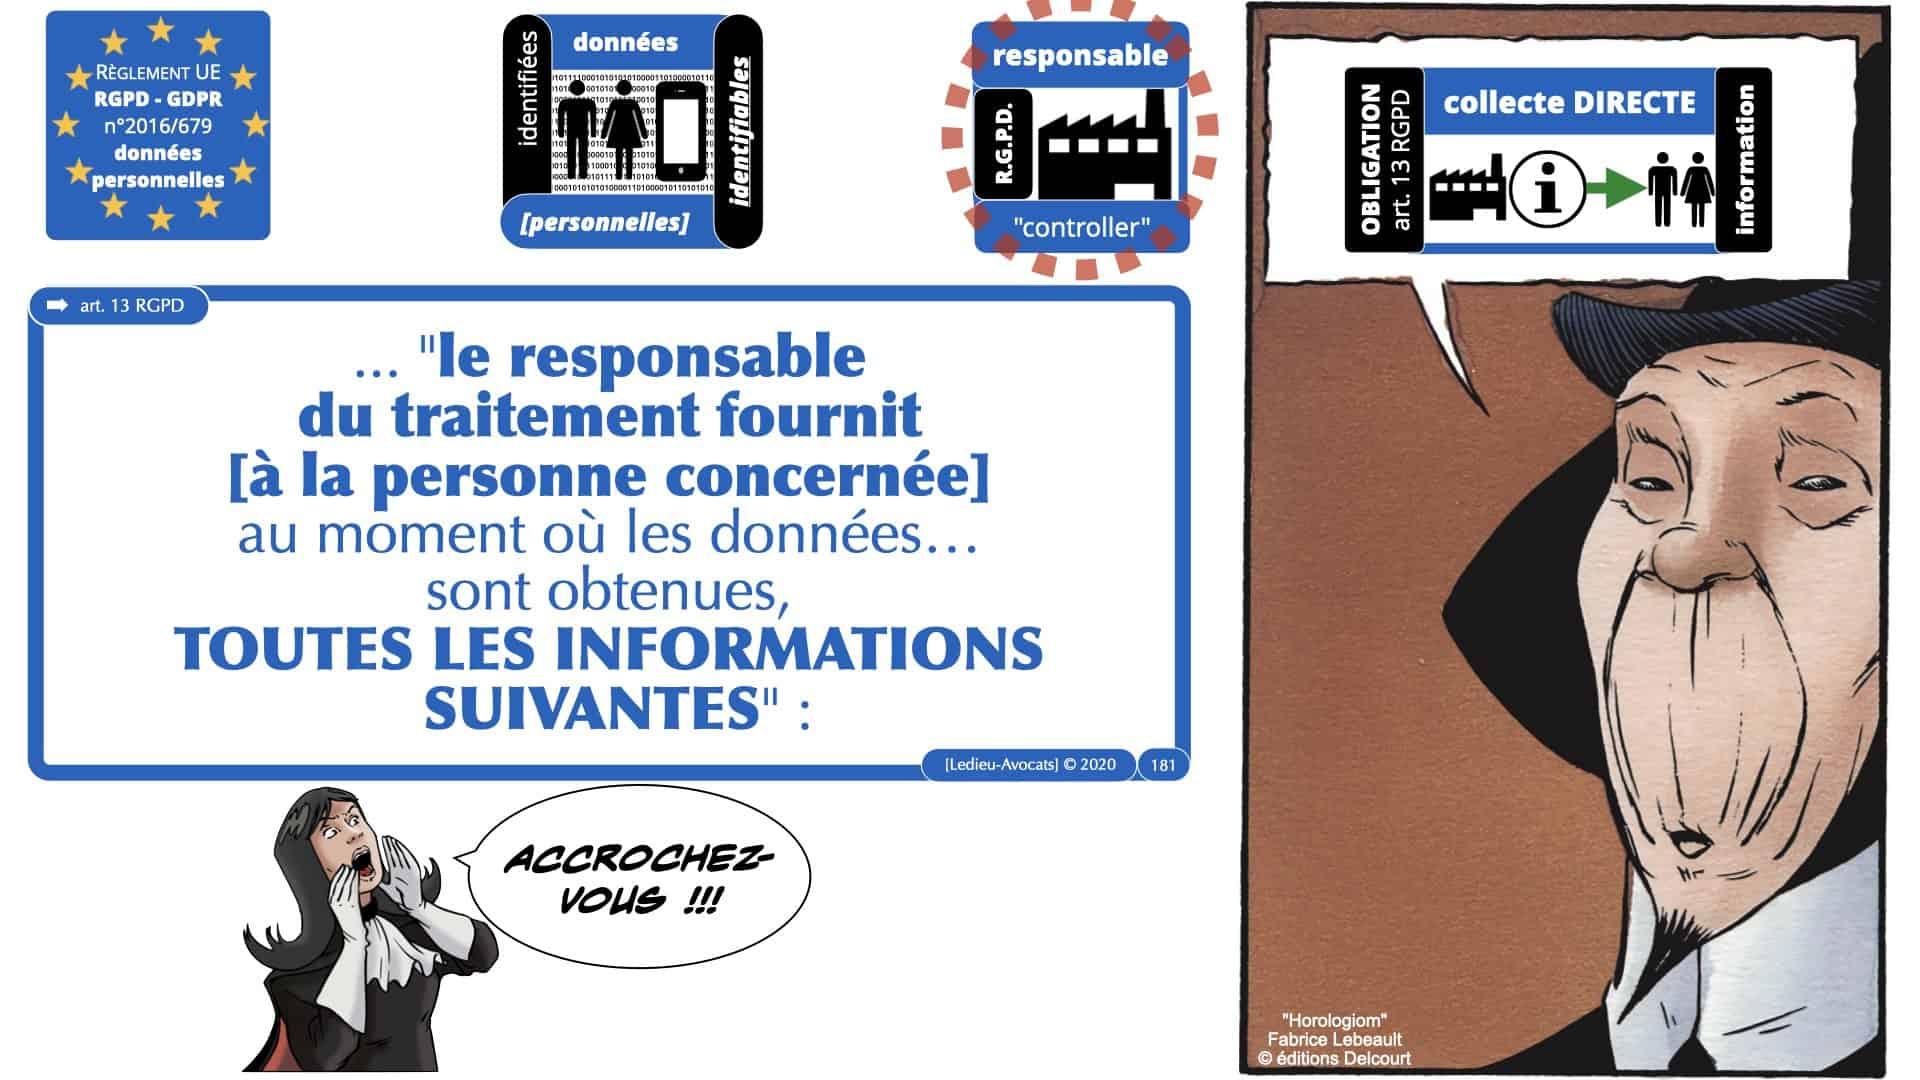 RGPD e-Privacy données personnelles jurisprudence formation Lamy Les Echos 10-02-2021 ©Ledieu-Avocats.181